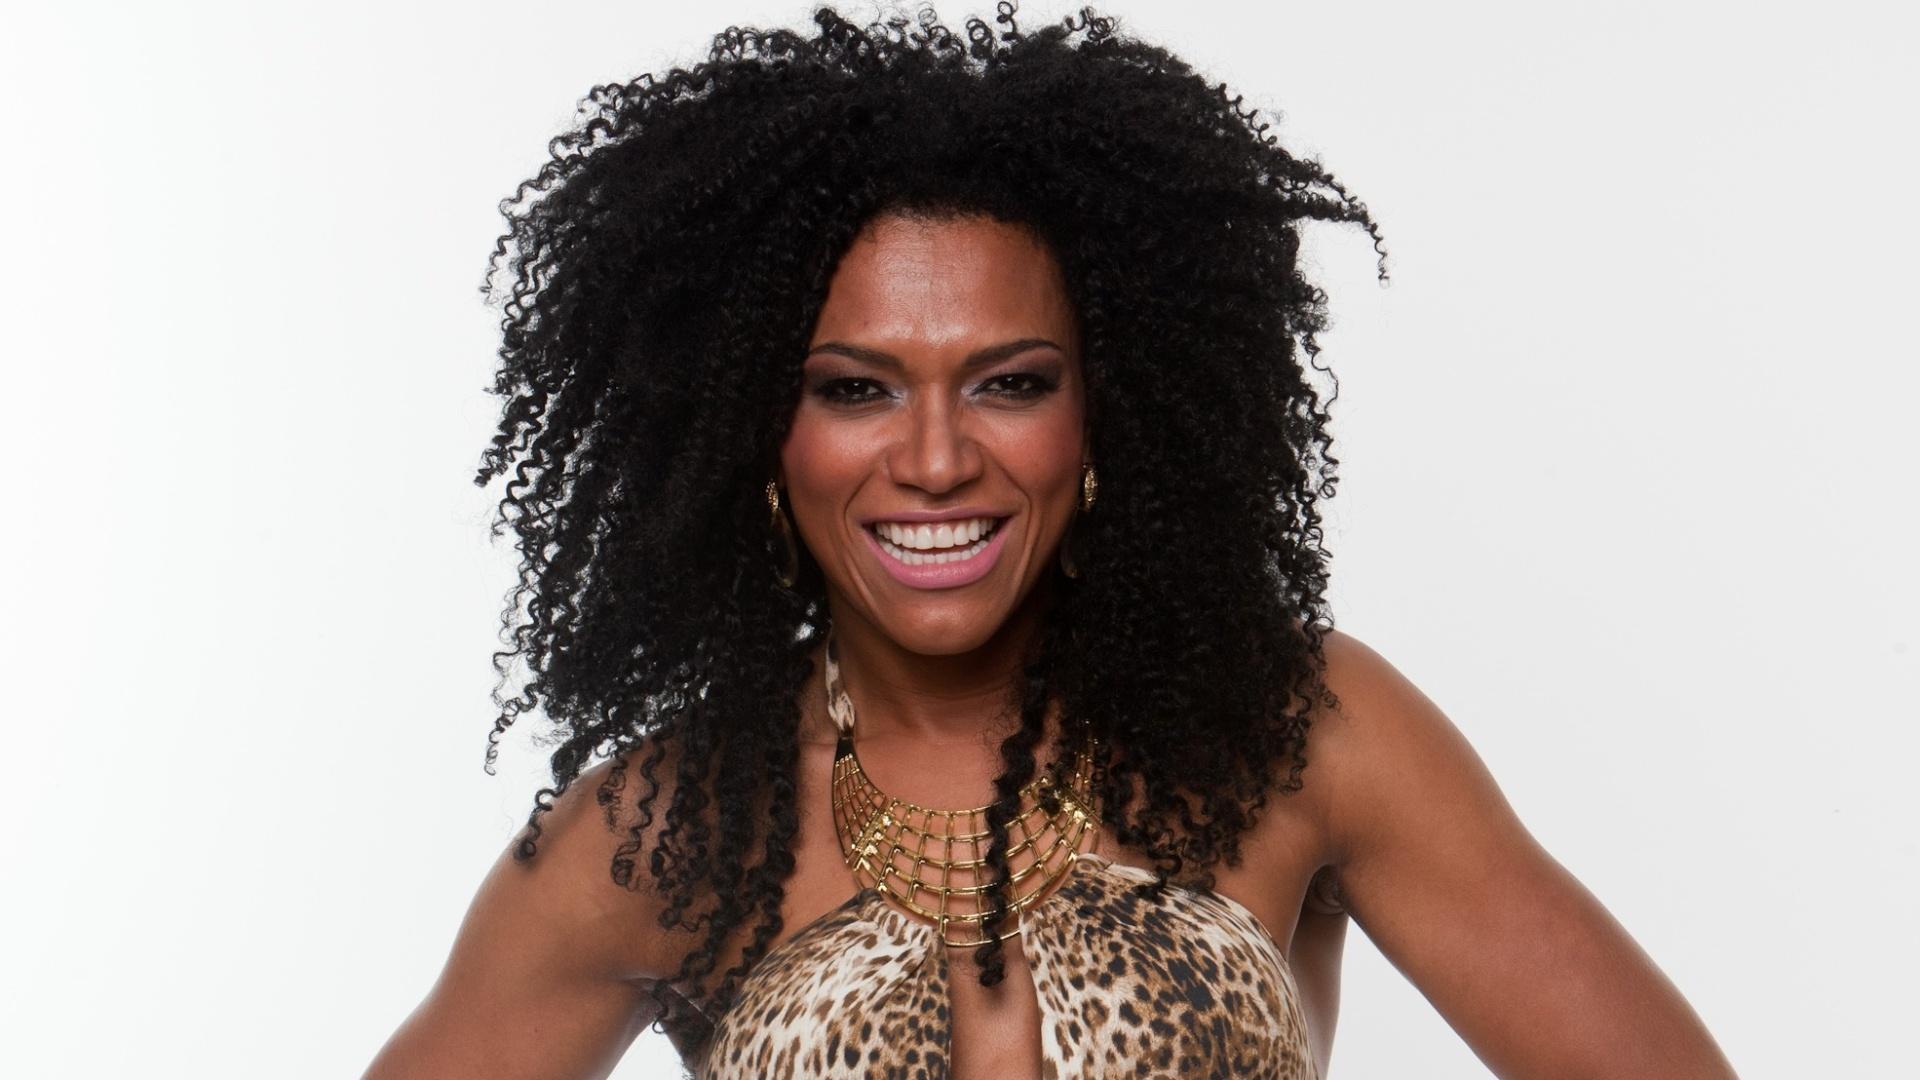 Simone Sampaio, 34, é ex-assistente de palco do programa do Raul Gil e também foi musa do Carnaval paulistano